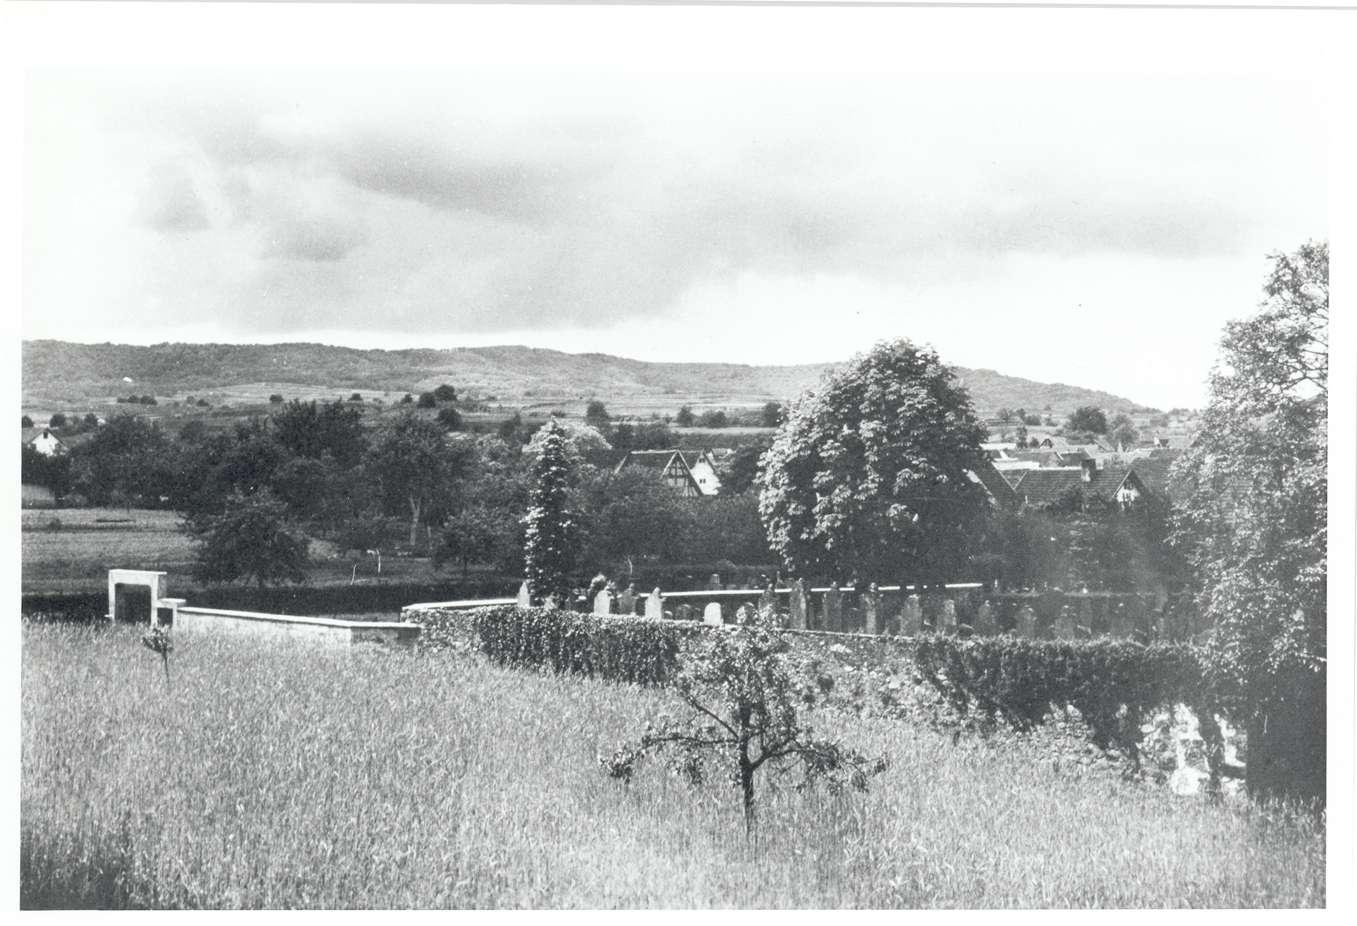 Eichstetten, FR; Jüdischer Friedhof, Außenansicht, Bild 1